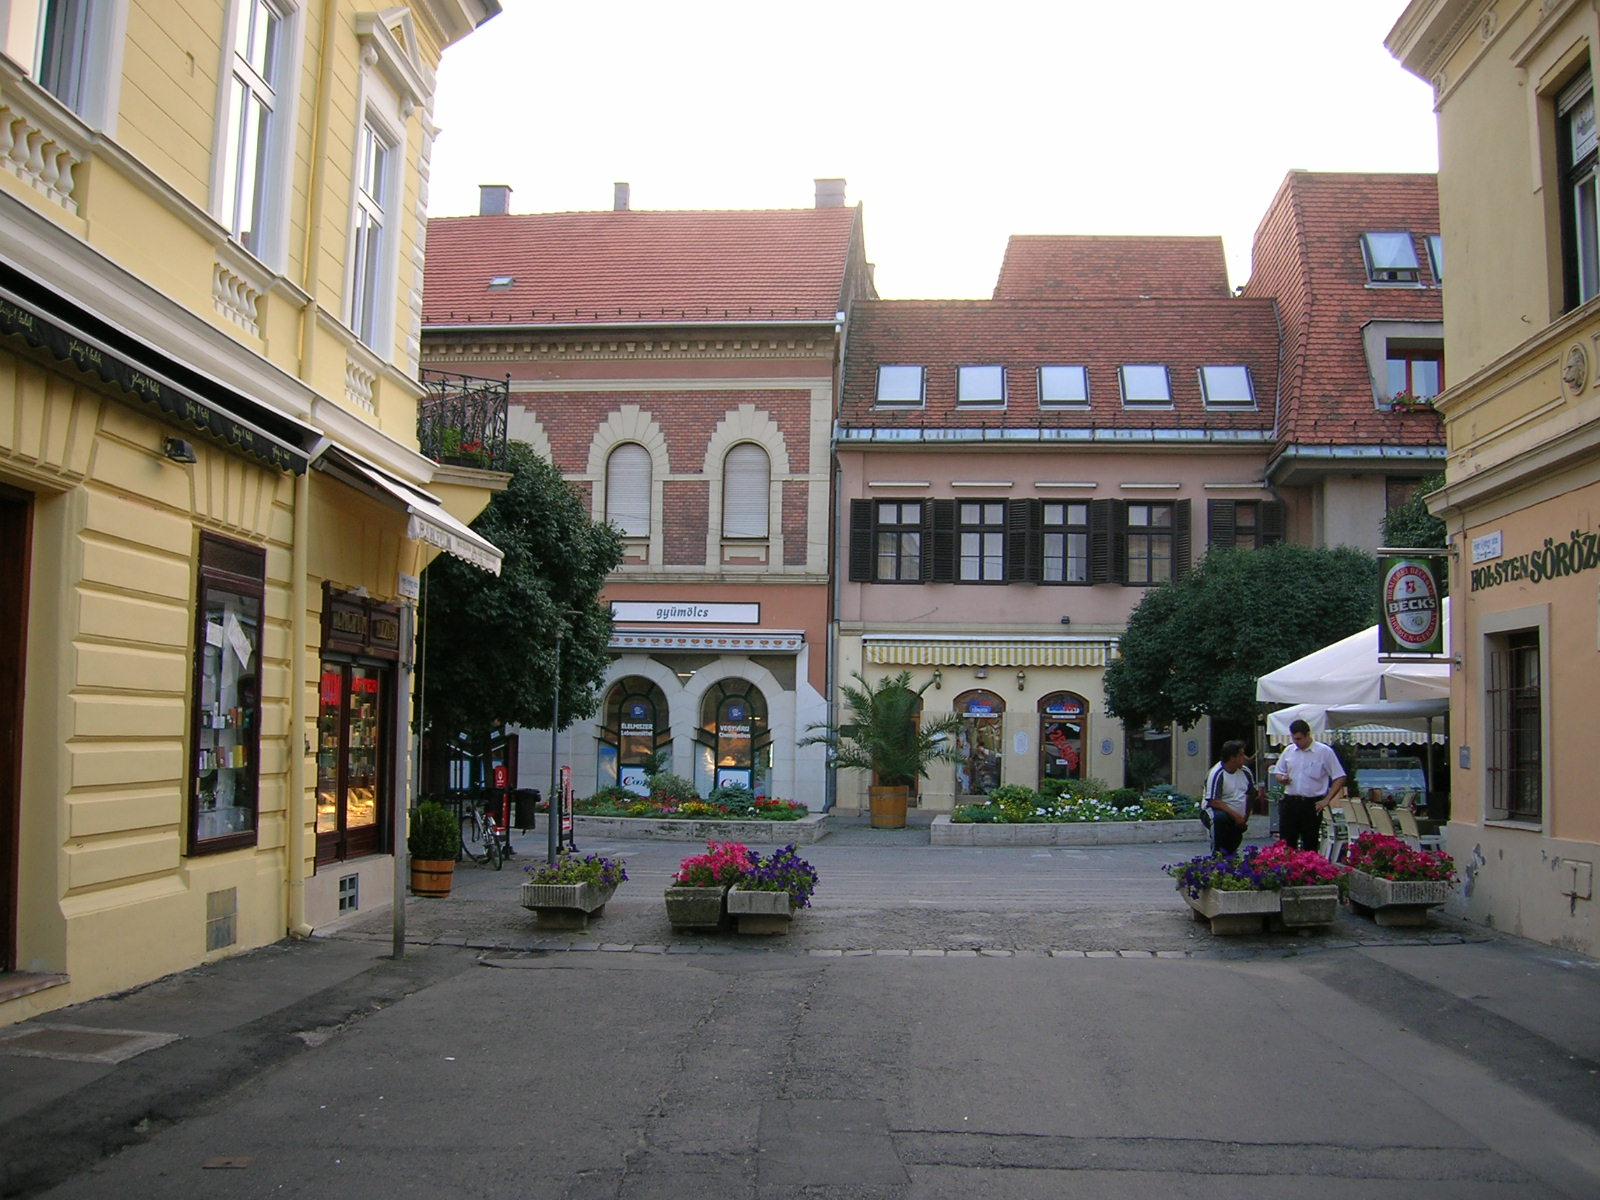 Keszthely_town_centre_3.jpg